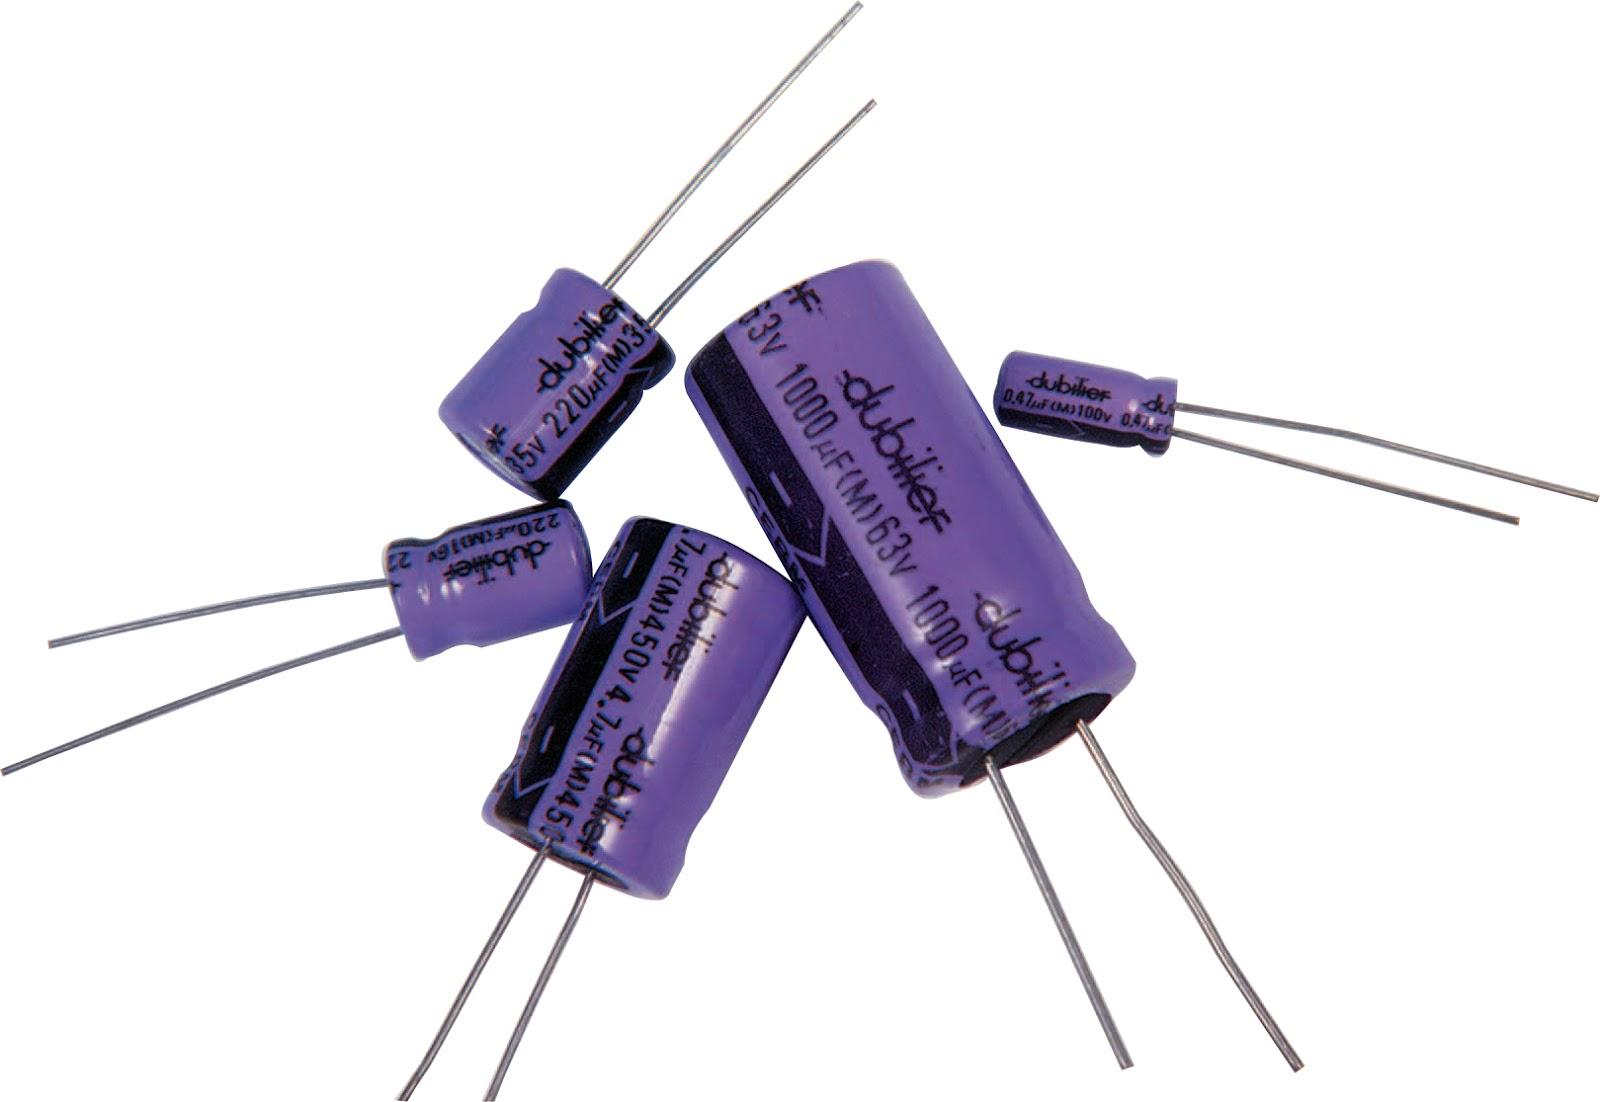 Condensadores electrolíticos radiales Condensador electrolítico SMD: bricotronika.blogspot.com/2012/06/el-condensador.html